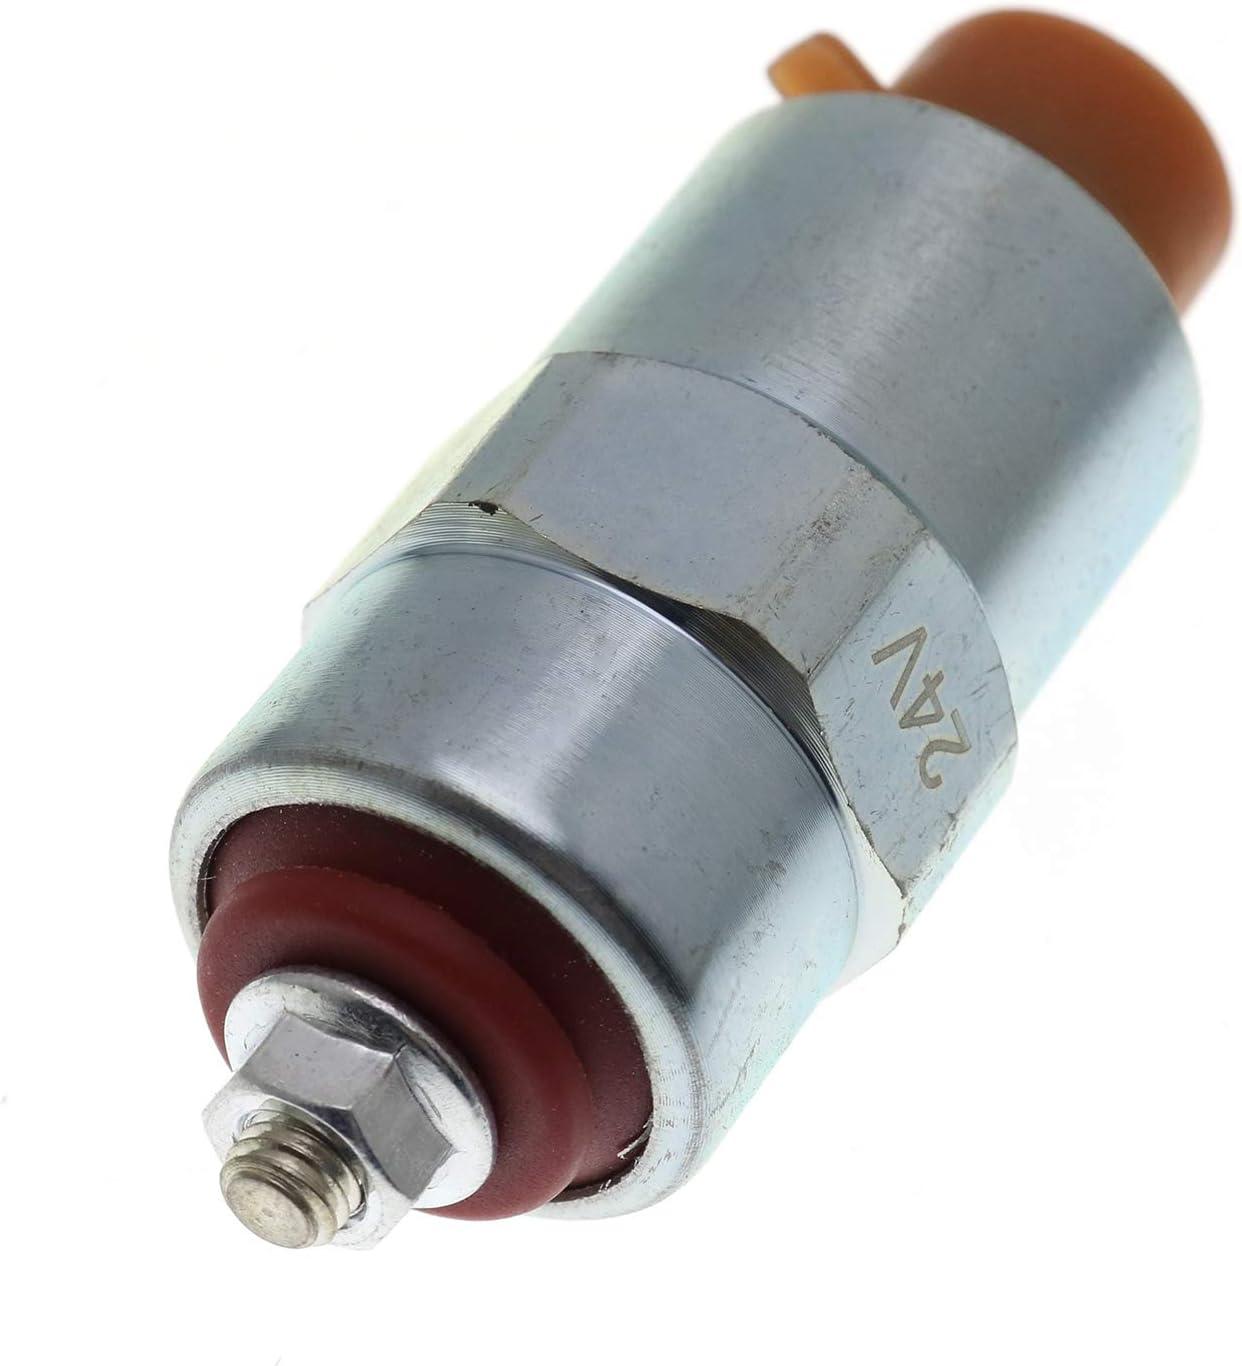 24 VOLT CAV REPLACEMENT STOP SHUTDOWN SOLENOID 7185-900K 7180-49a 080211